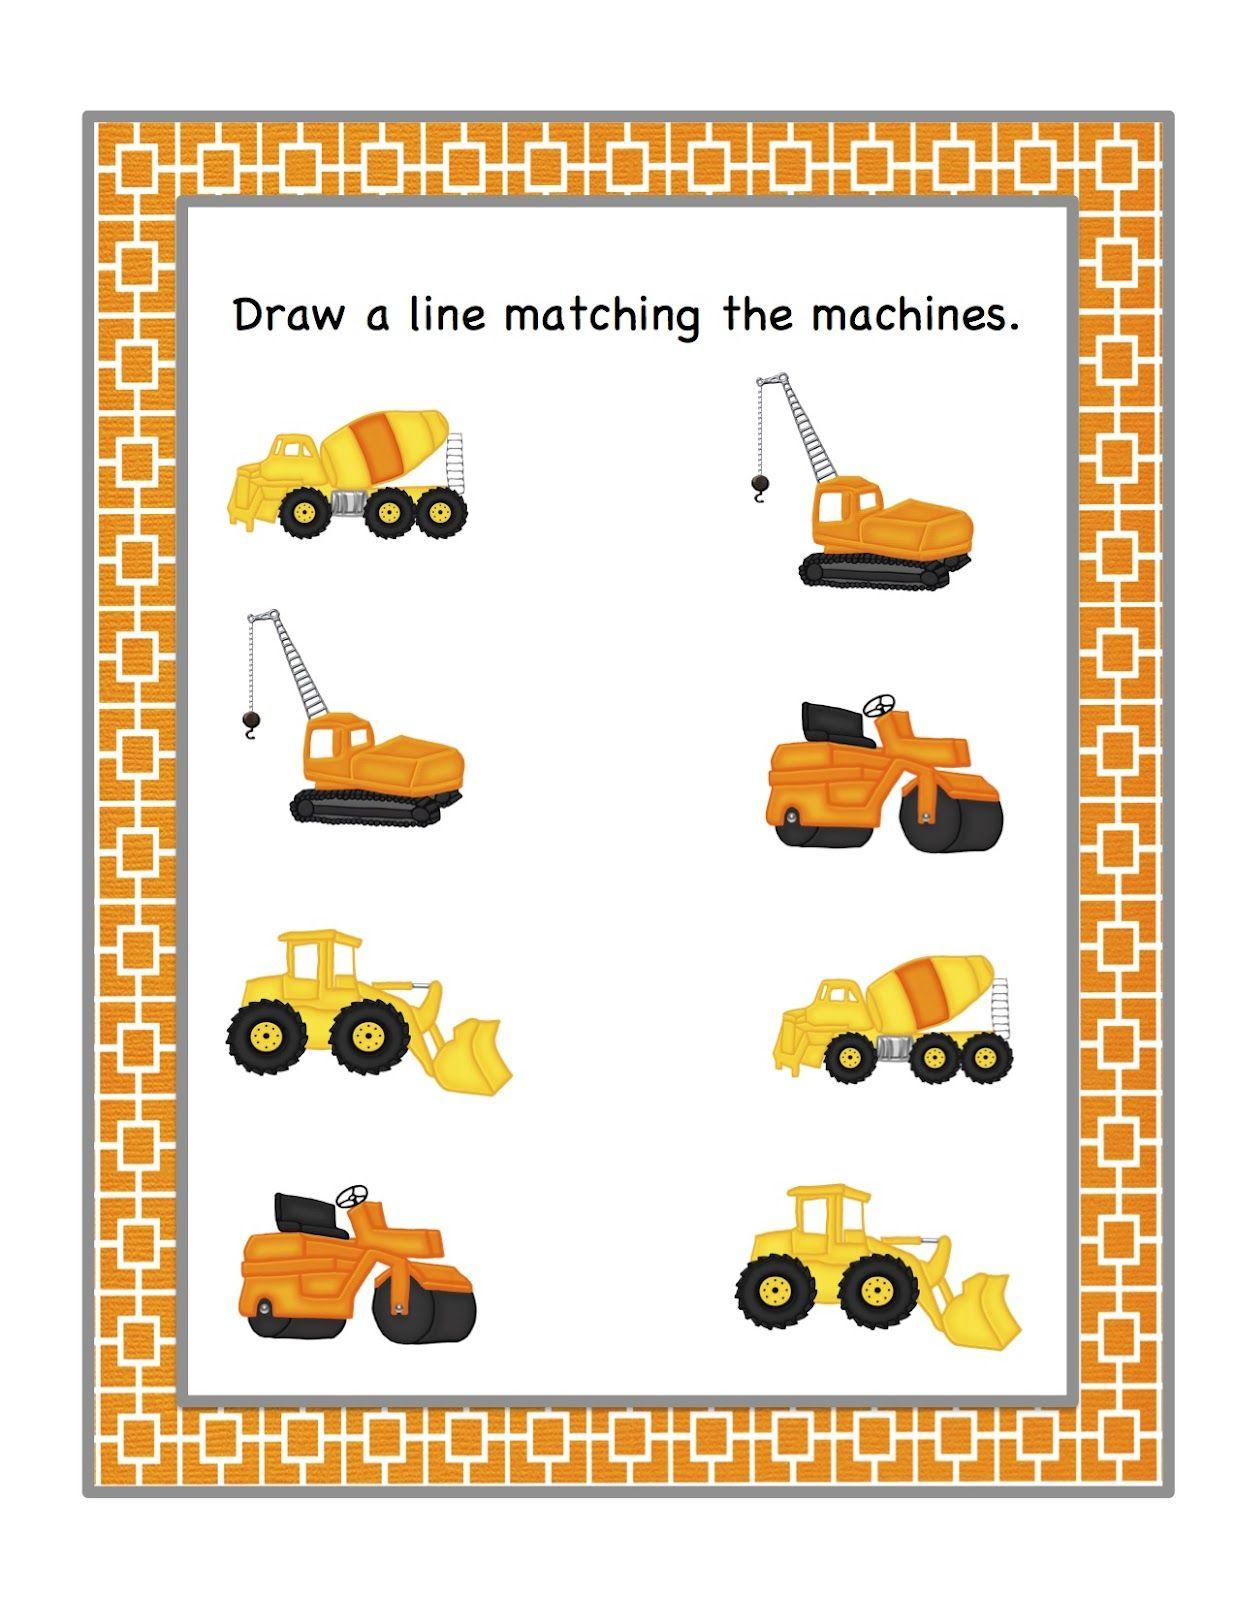 Const Match Machines 1 236 1 600 Pixels